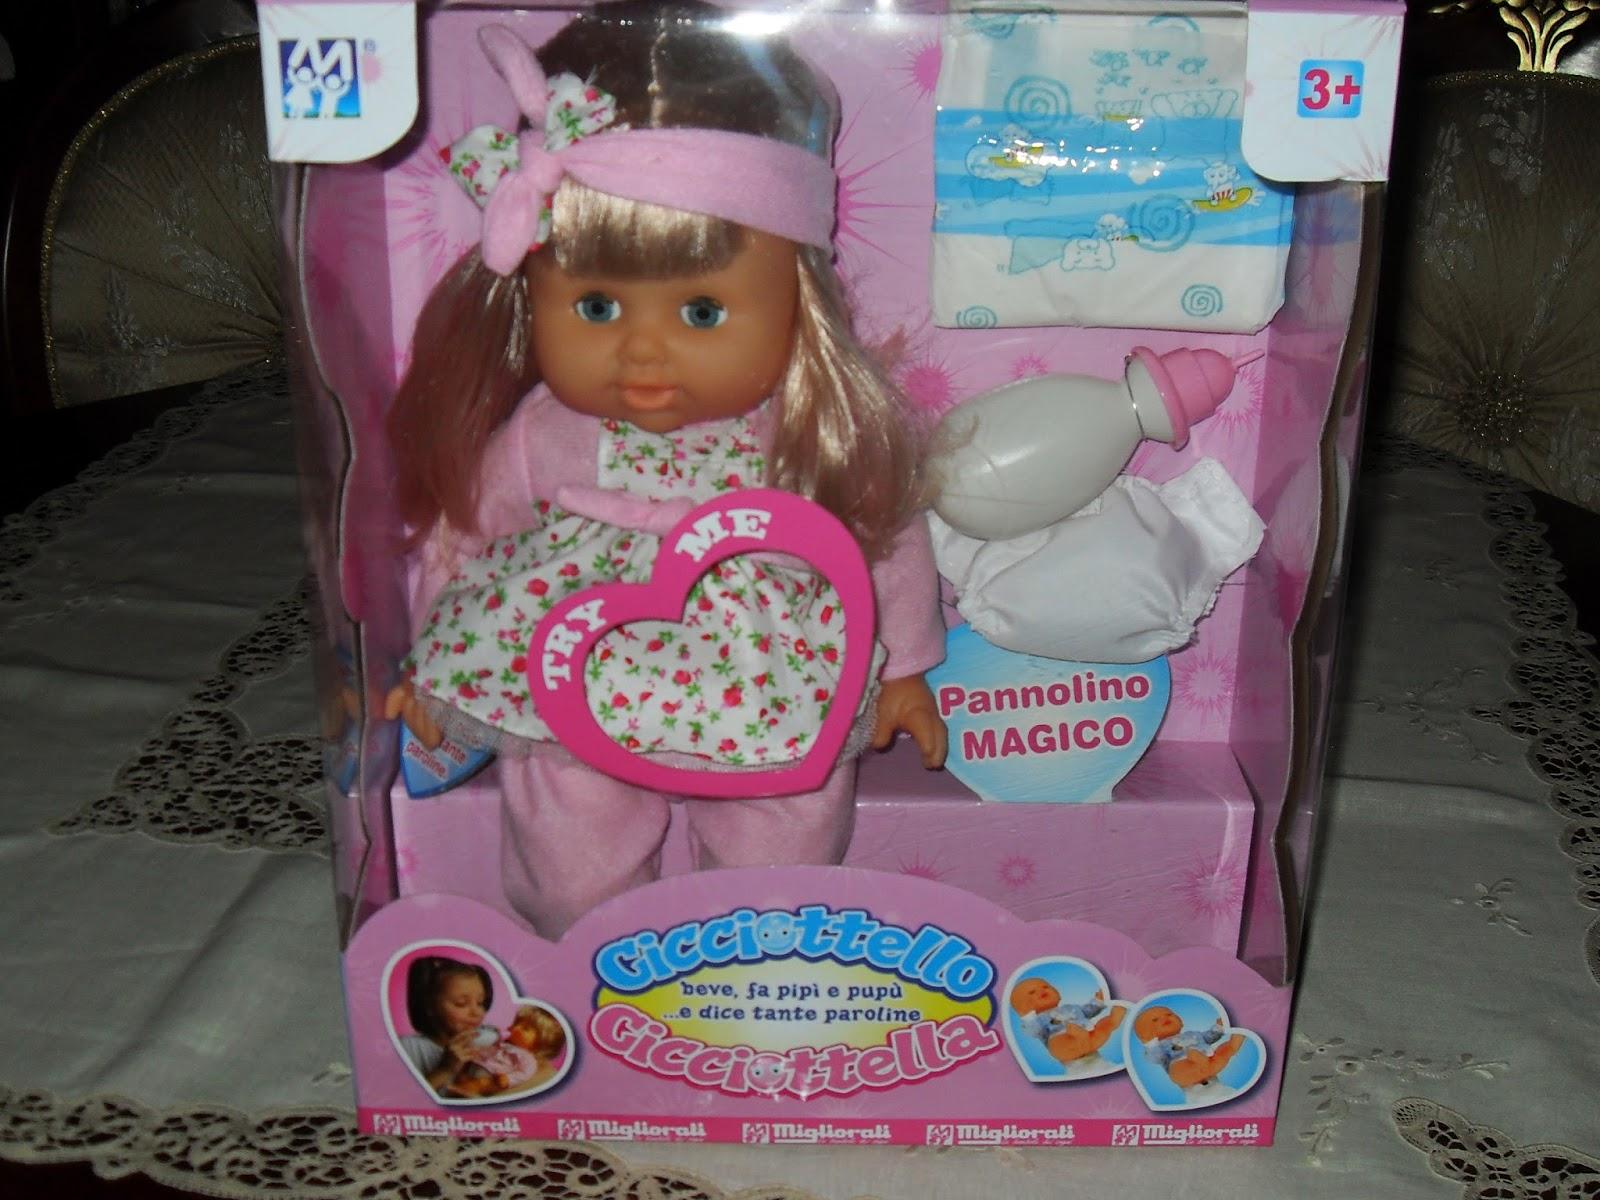 migliorati giocattoli cicciottella la bambola dei sogni di gaia